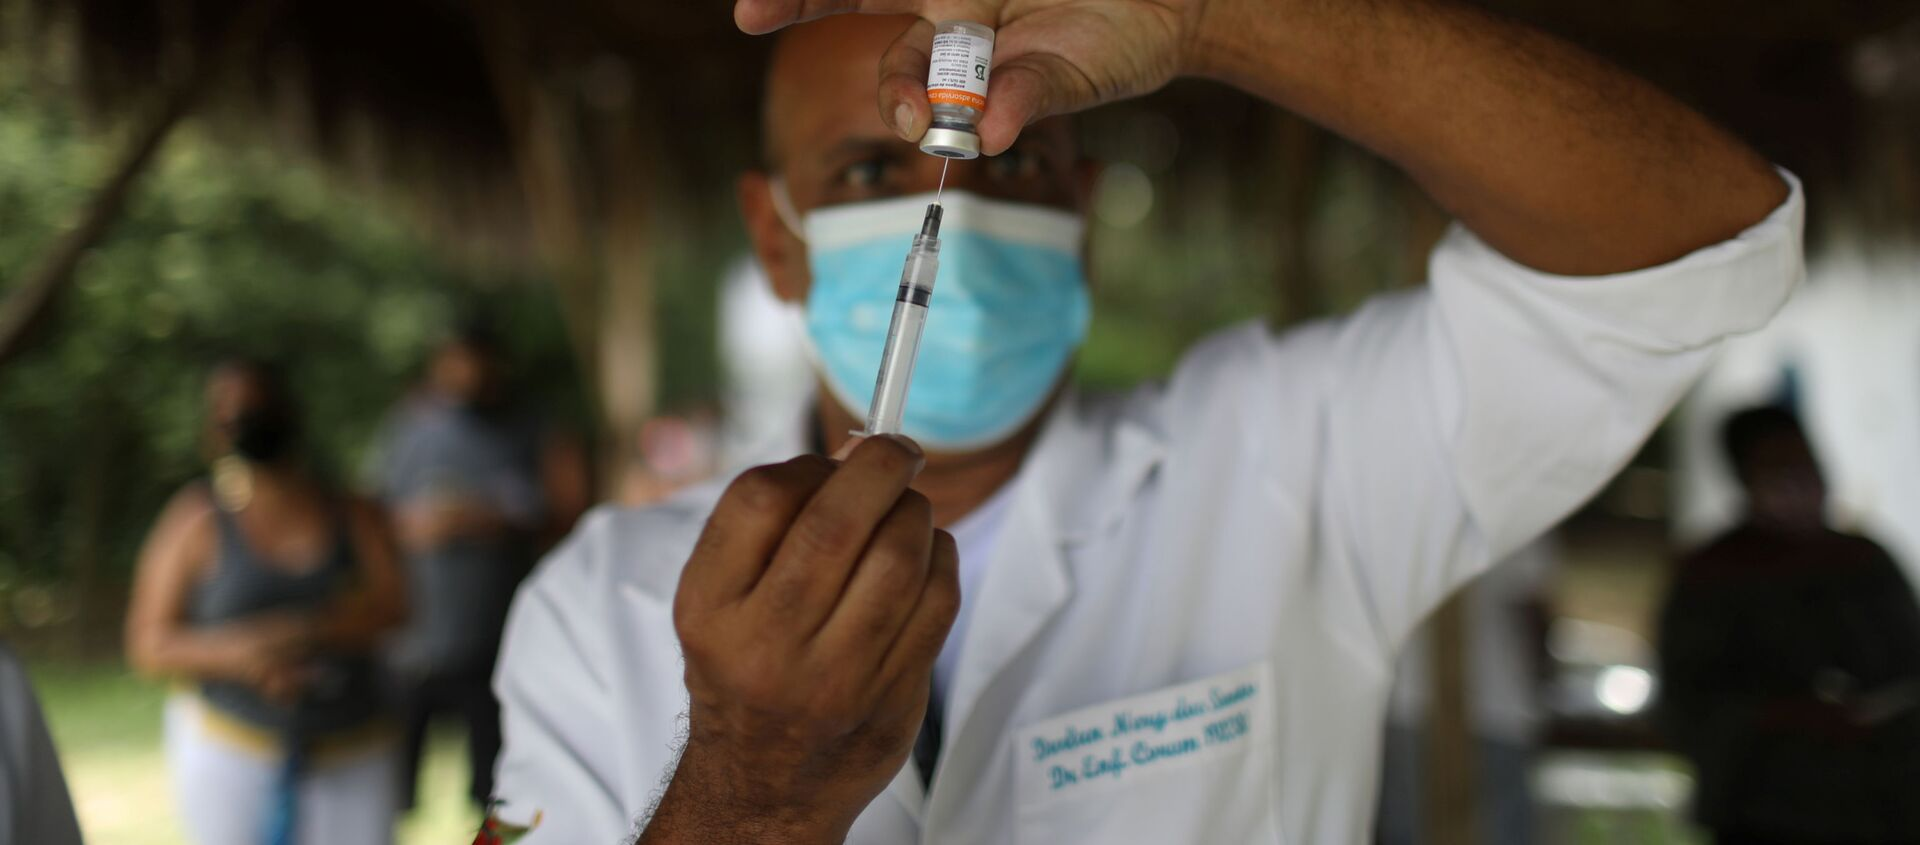 中国で自国製の新型コロナワクチンが低効果であると発表  - Sputnik 日本, 1920, 12.04.2021